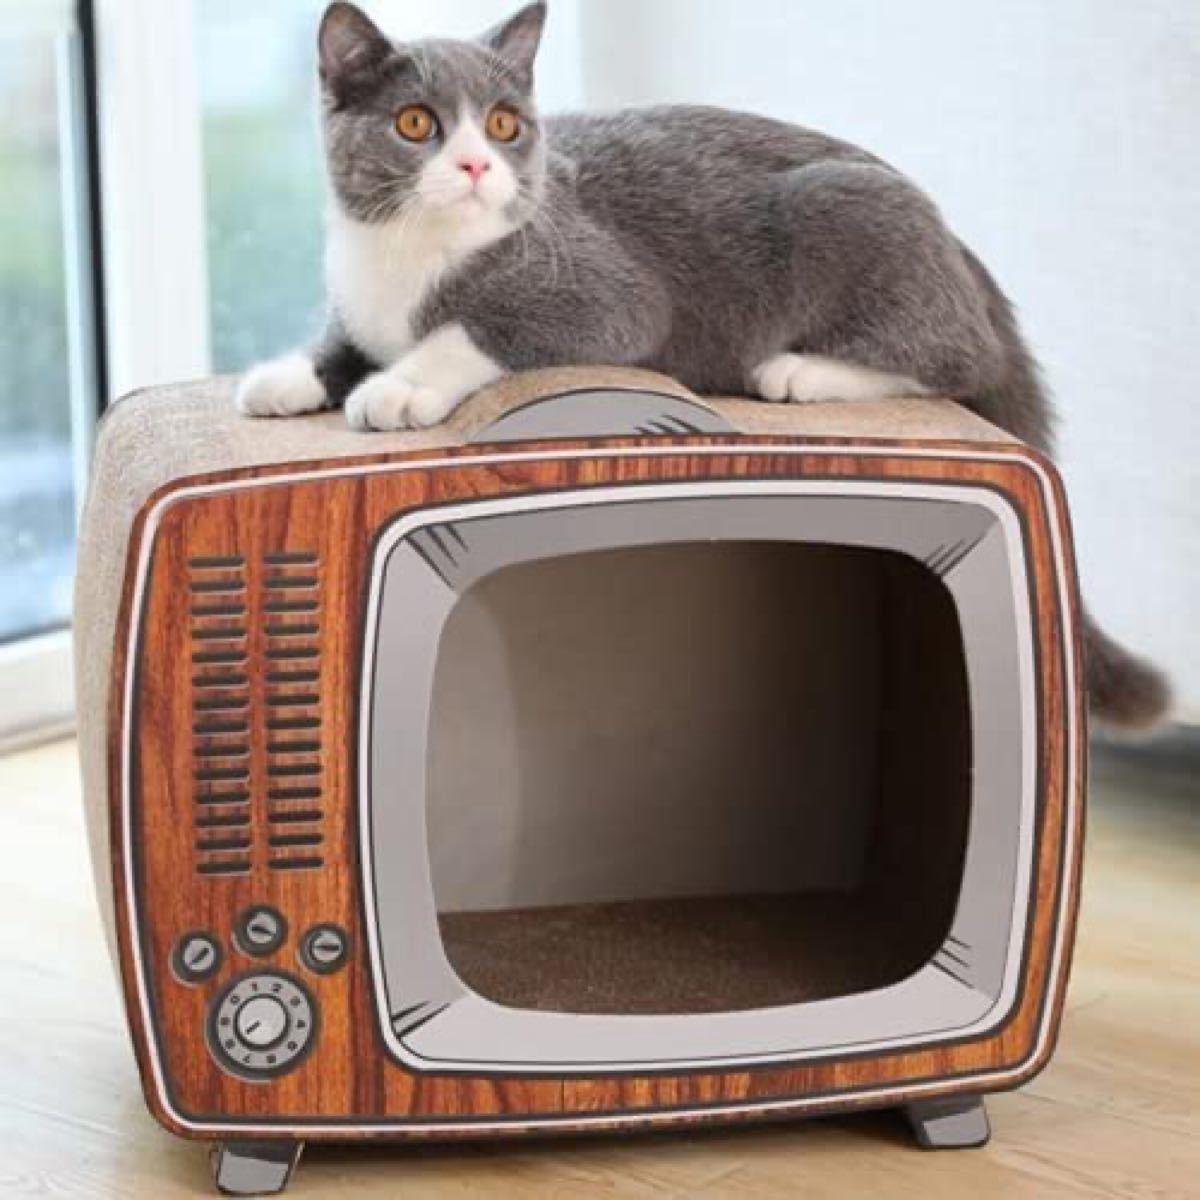 猫 爪とぎ爪研ぎレトロ風テレビ型 43 x 23 x 36cm 猫 つめとぎトンネル猫ハウス段ボール高密度 大型 猫ベッド爪とぎベ